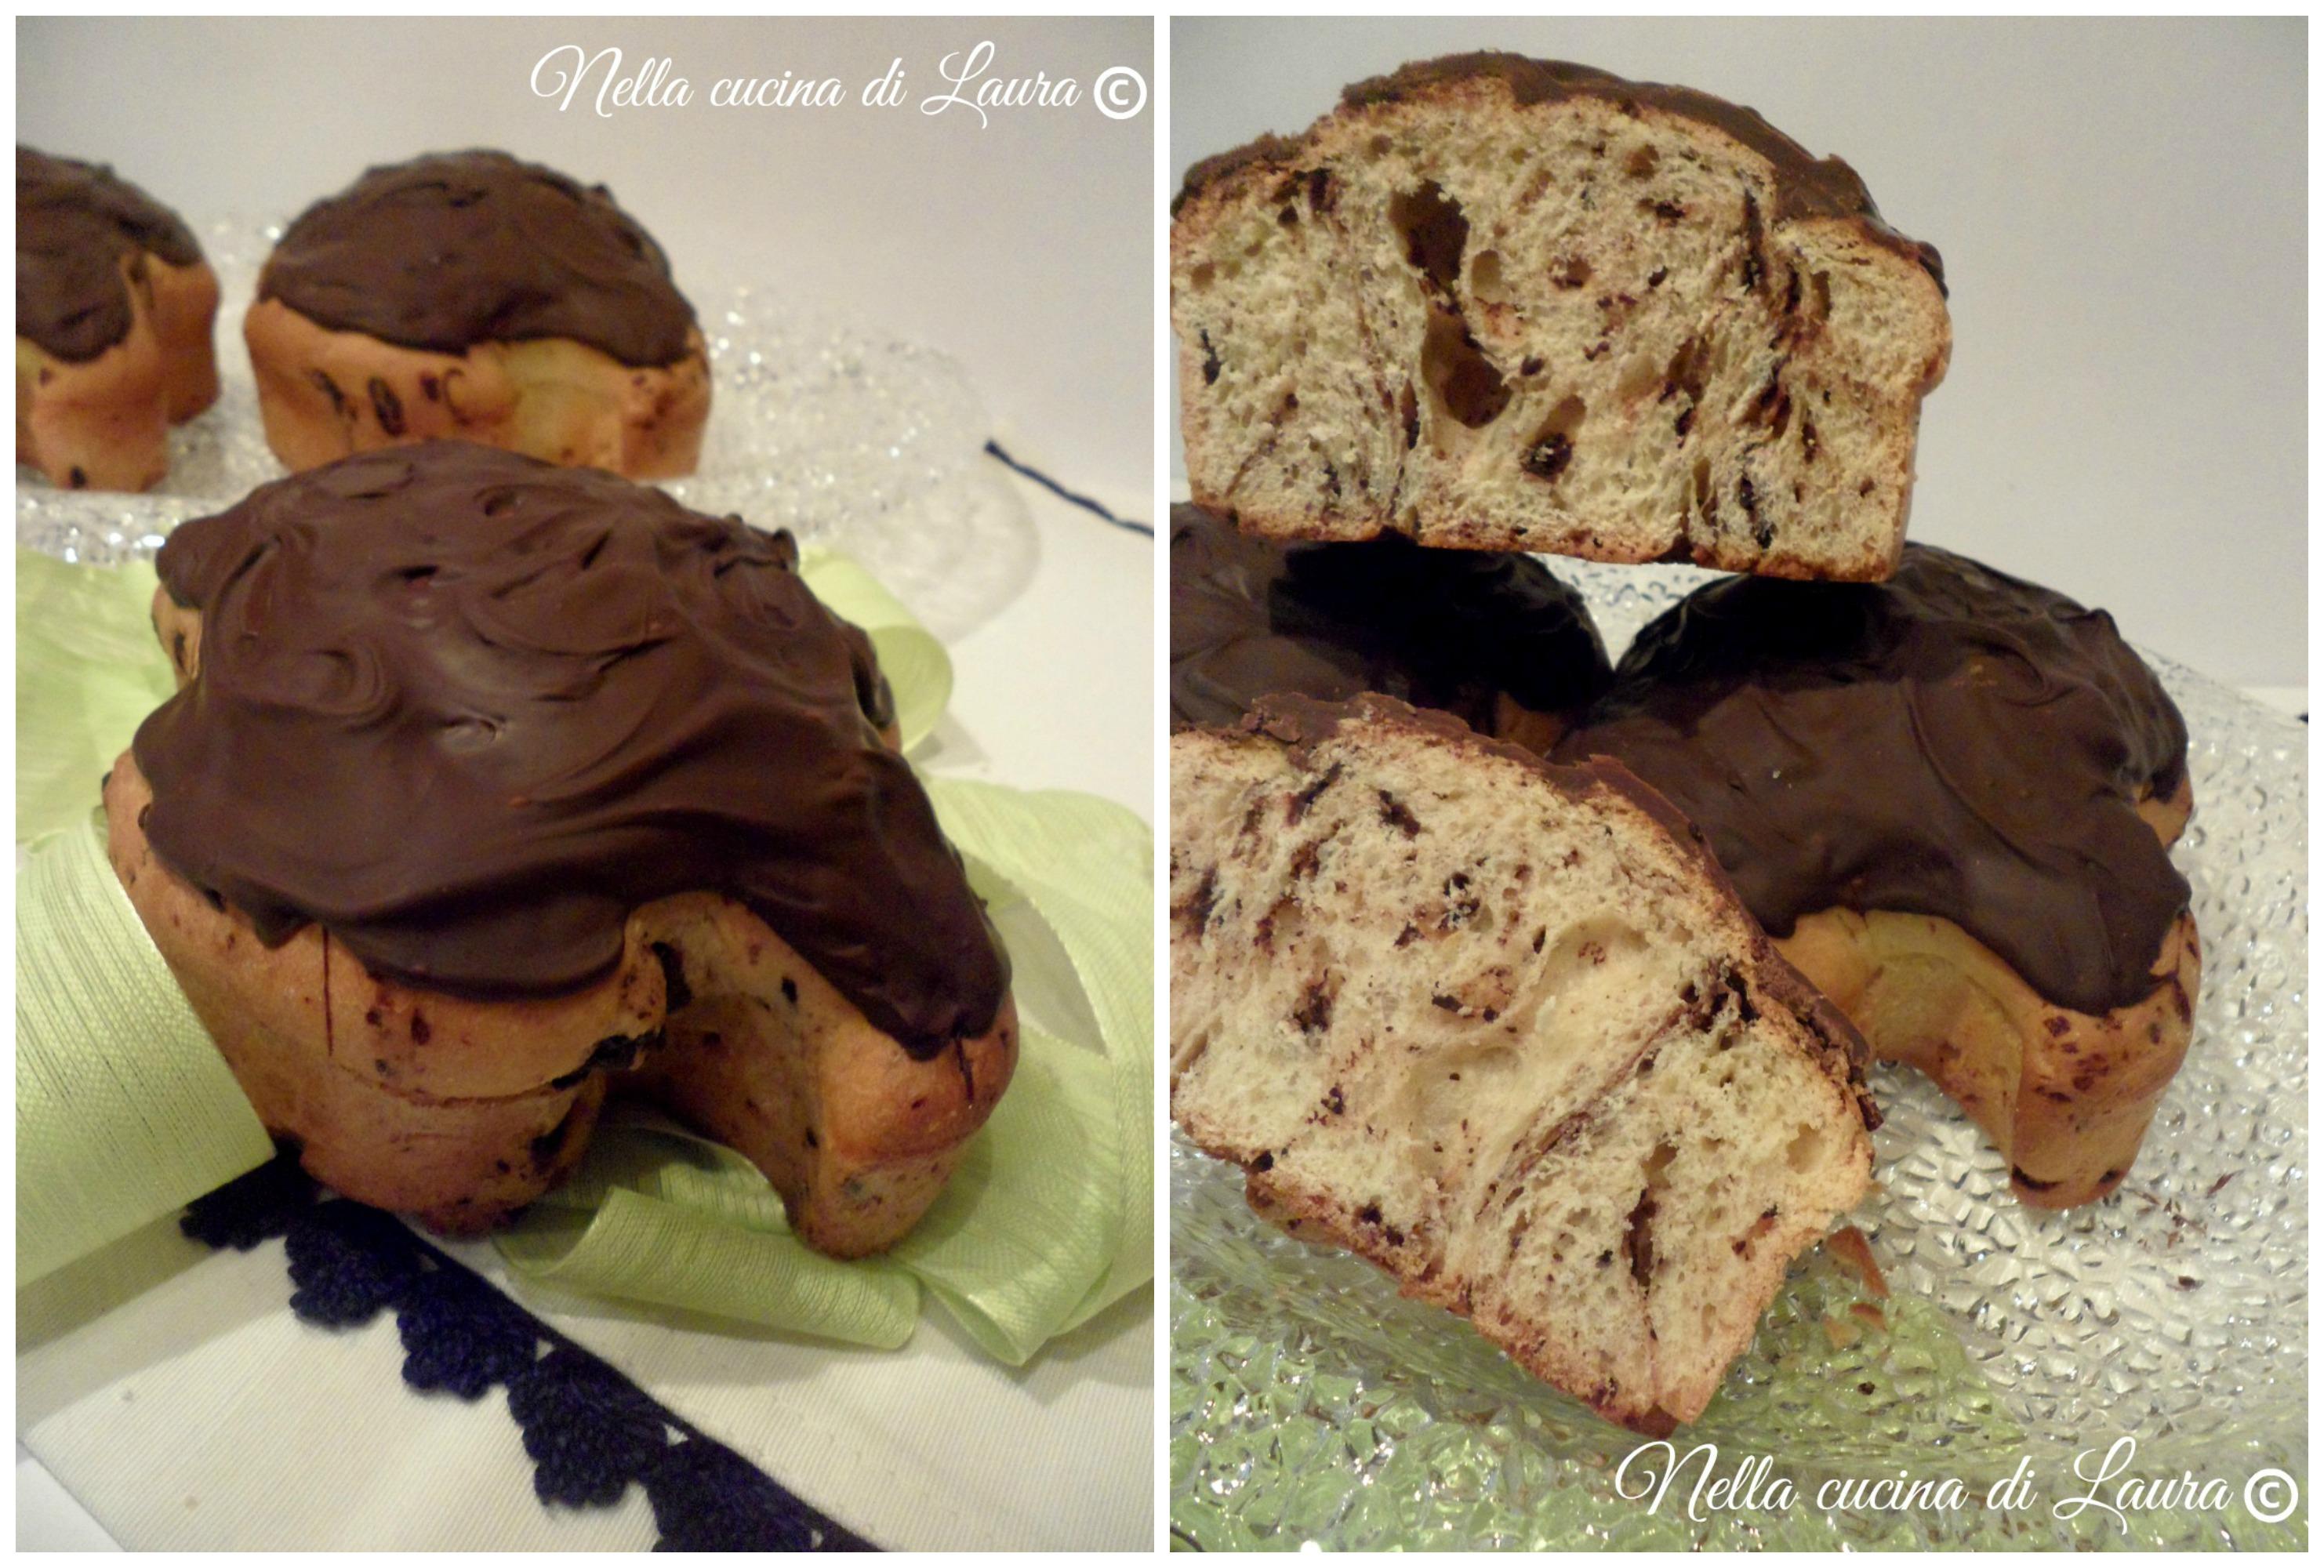 mini colomba di Pasqua con gocce di cioccolato e  lievito madre - nella cucina di laura